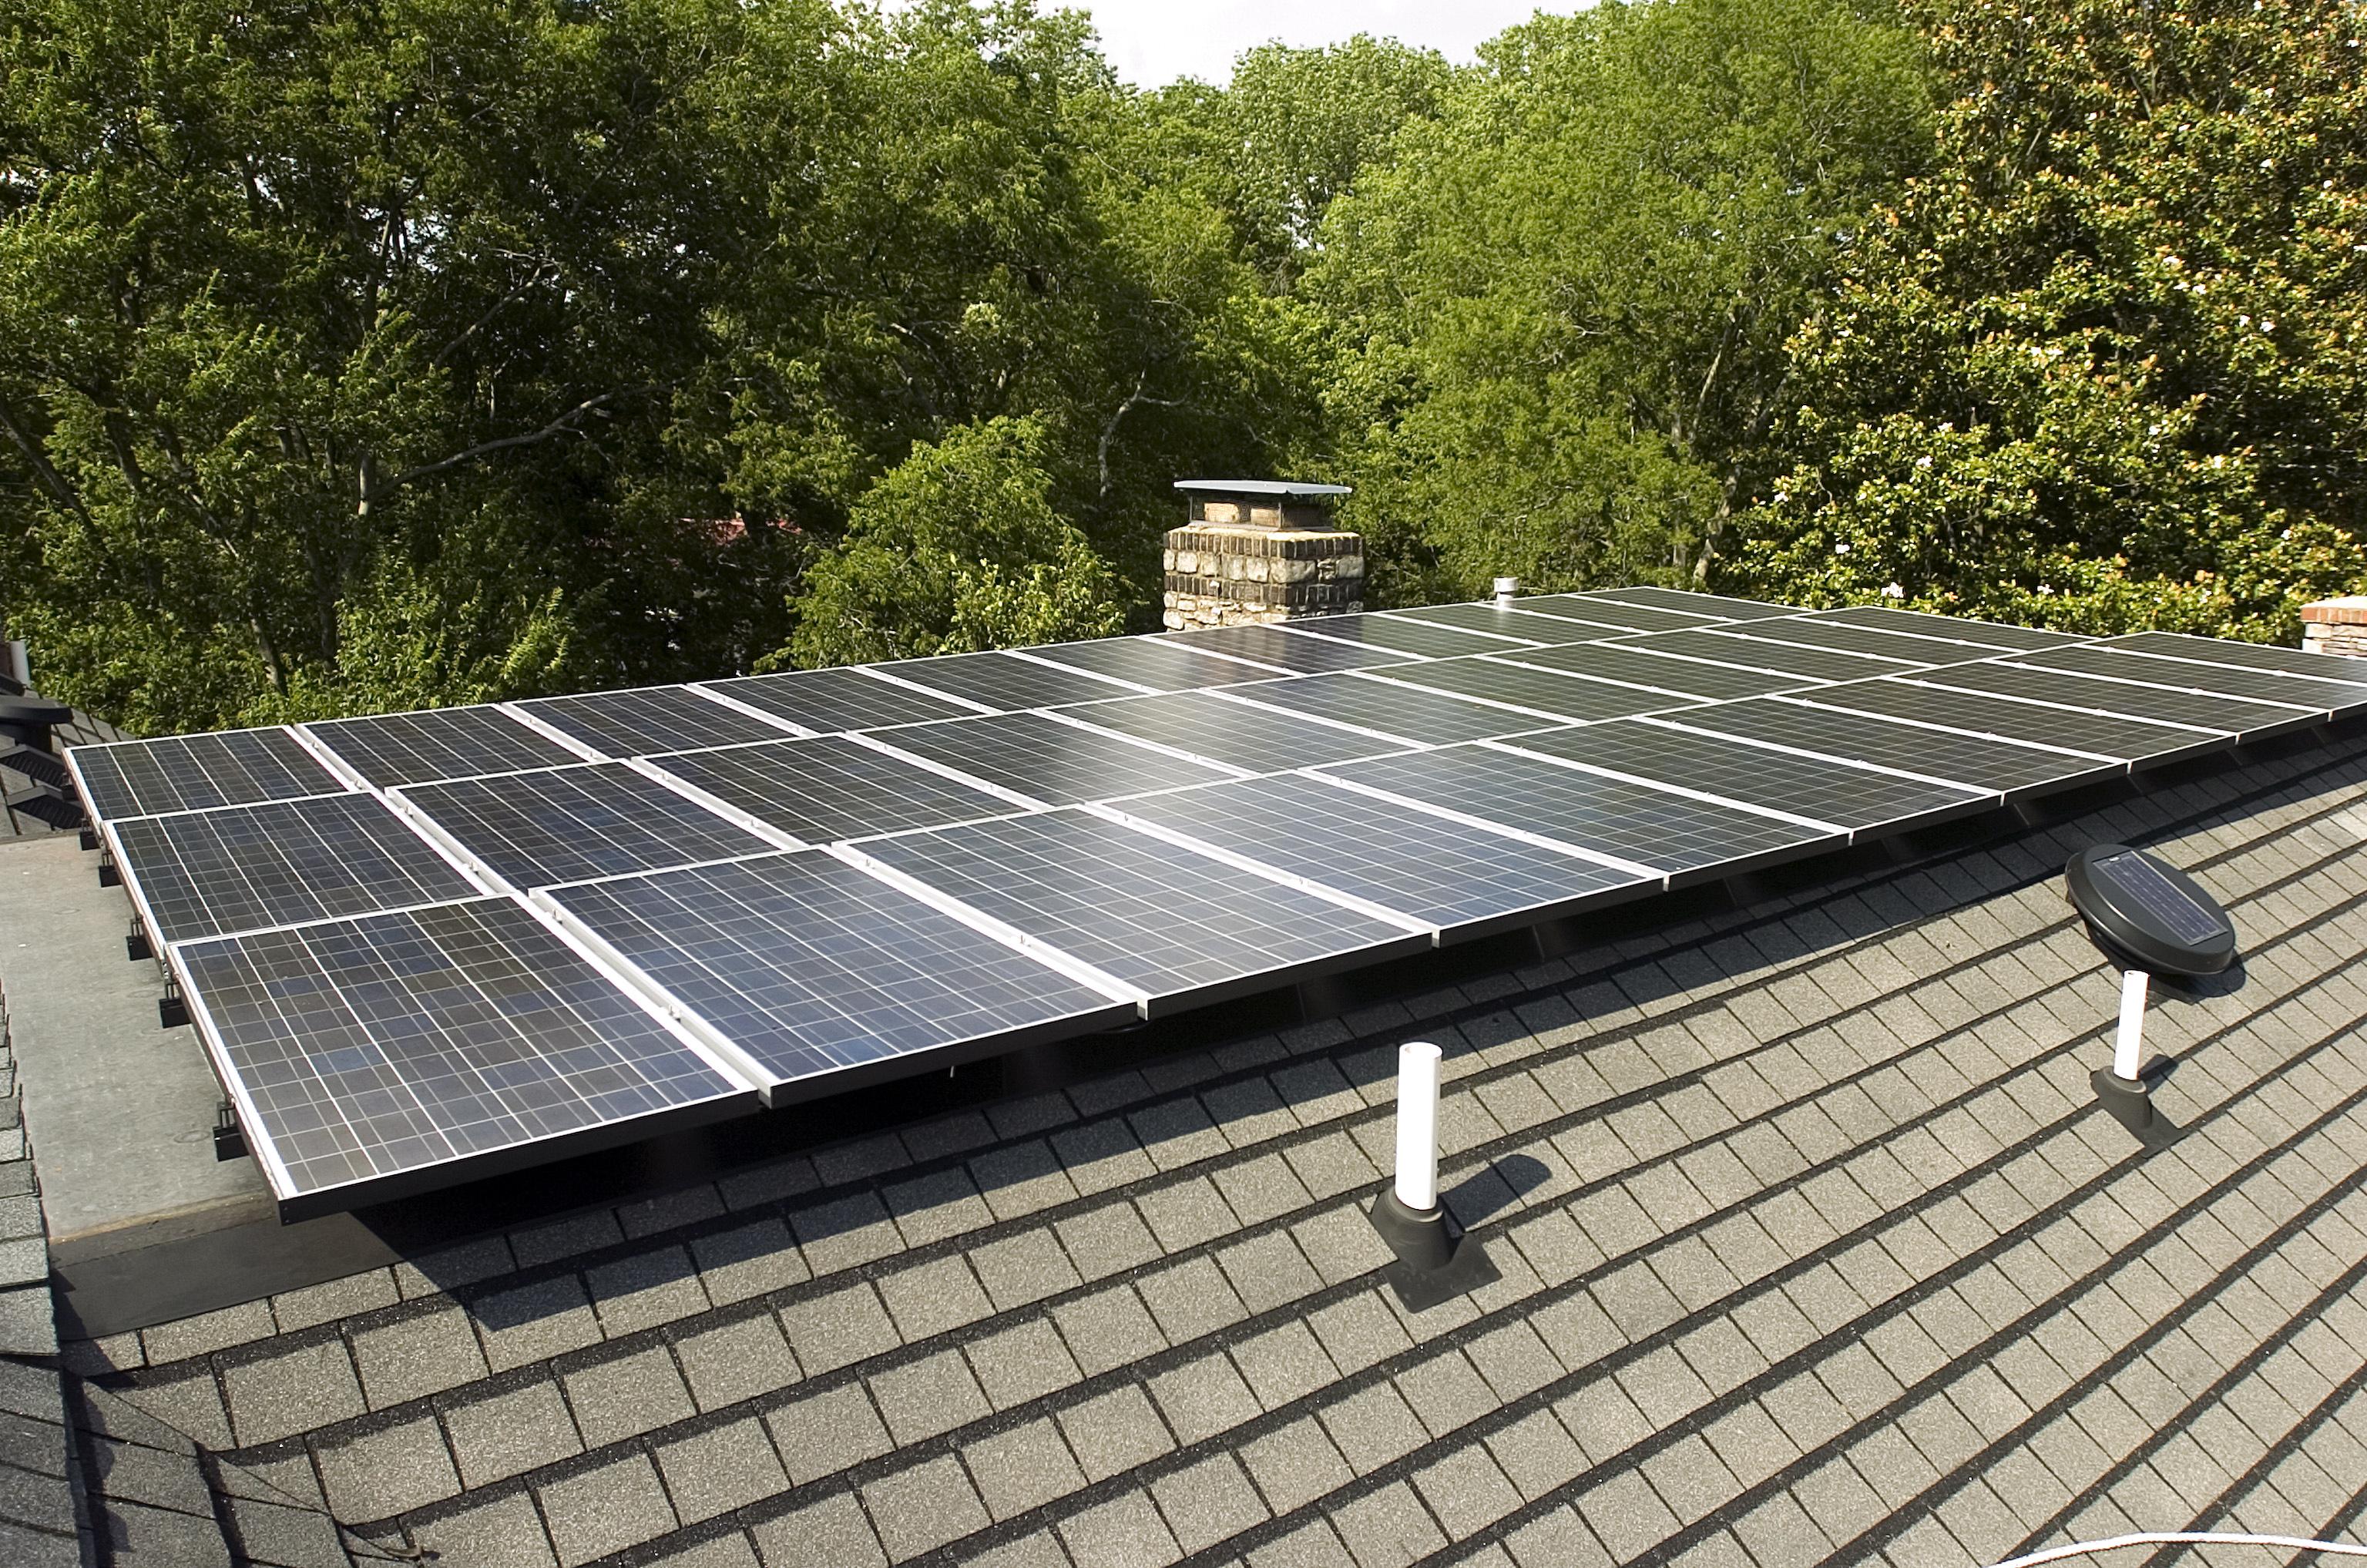 paneles solares en el tejado de una vivienda